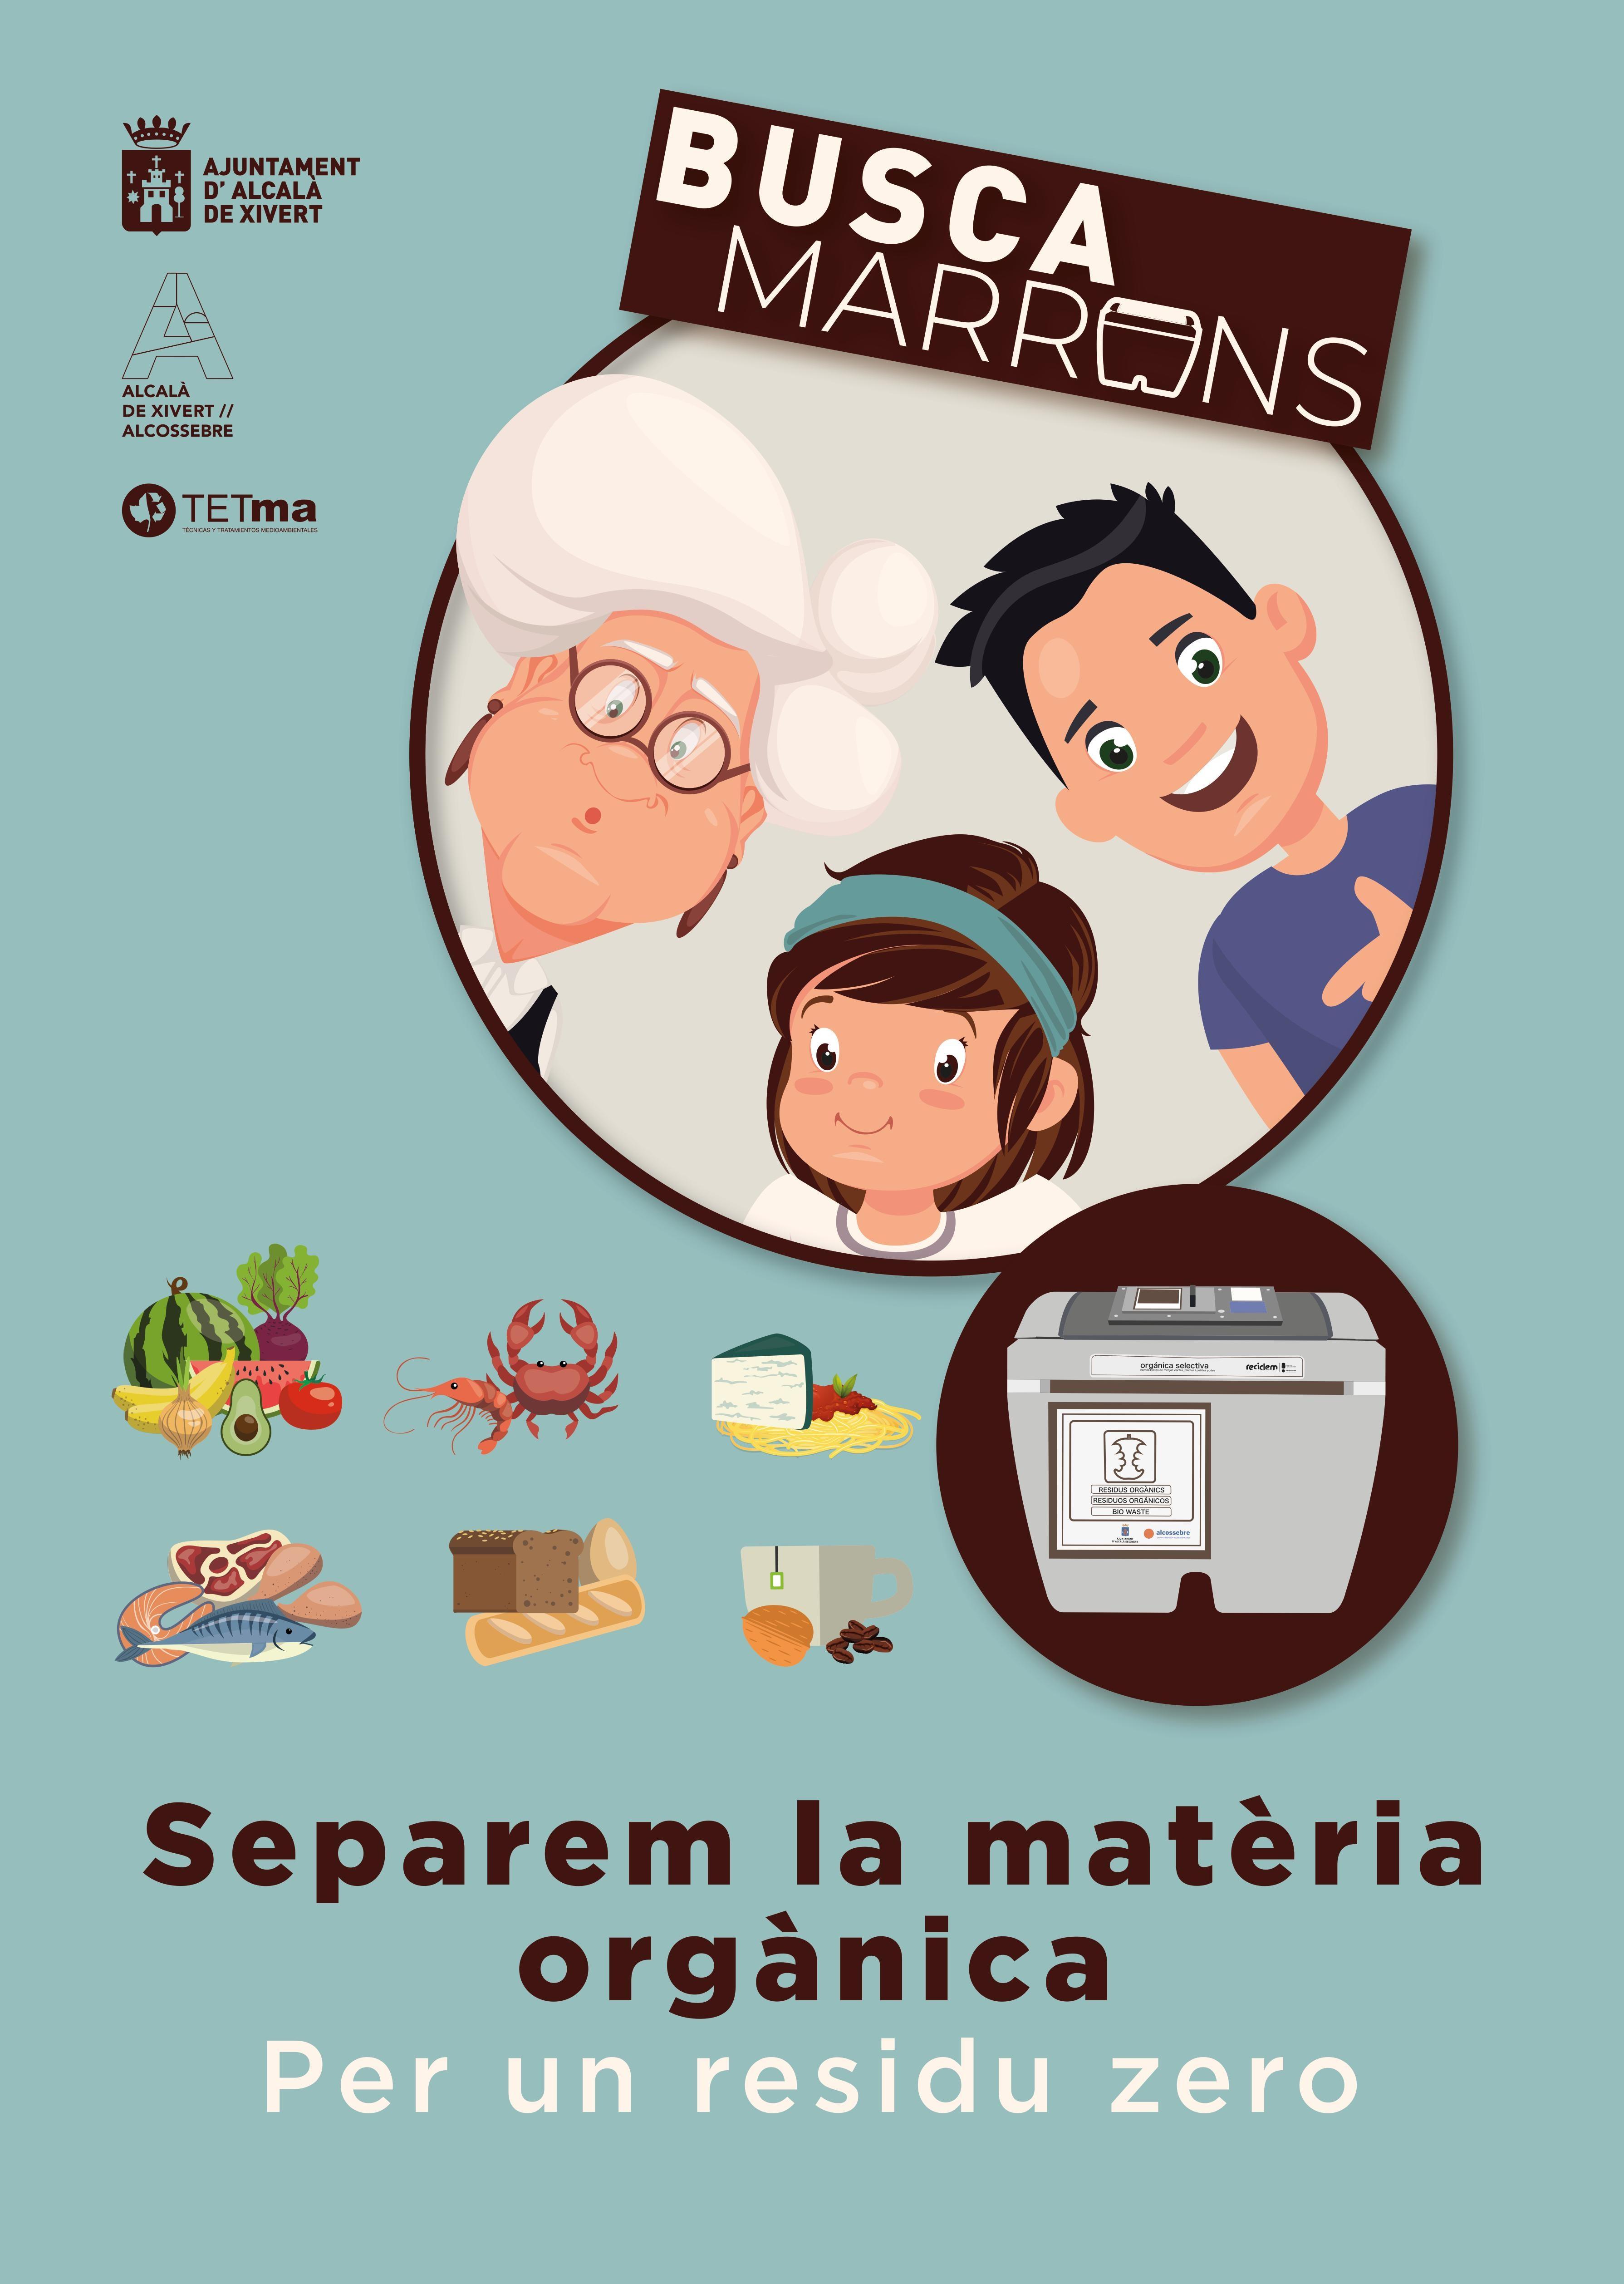 L'Ajuntament d'Alcalà-Alcossebre completa amb un vídeo animat la campanya ciutadana sobre l'ús del contenidor marró